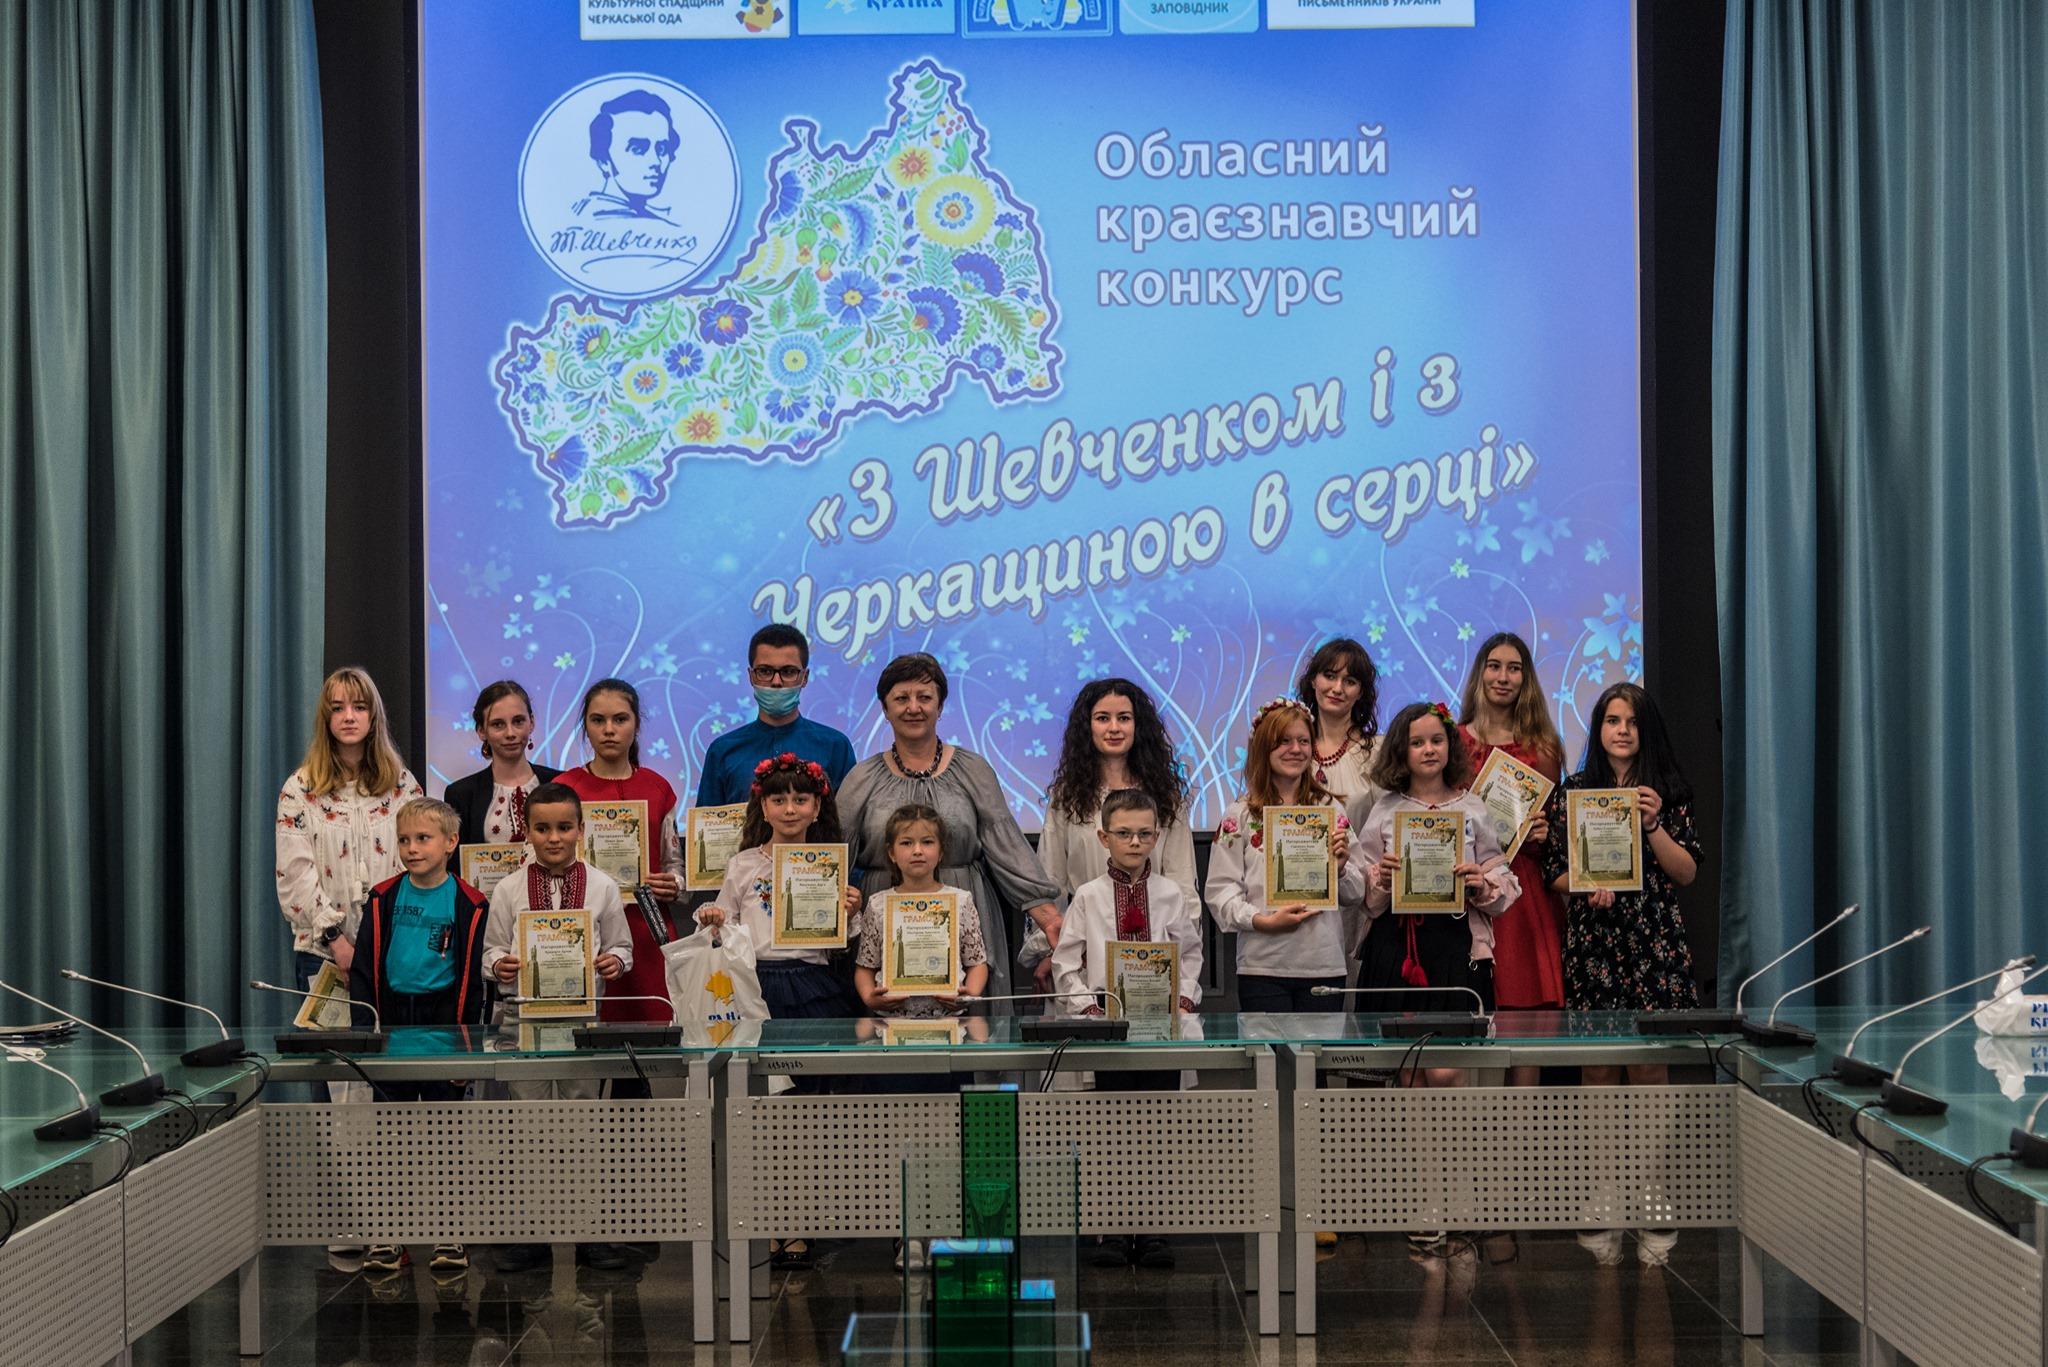 У Каневі нагородили переможців обласного краєзнавчого конкурсу